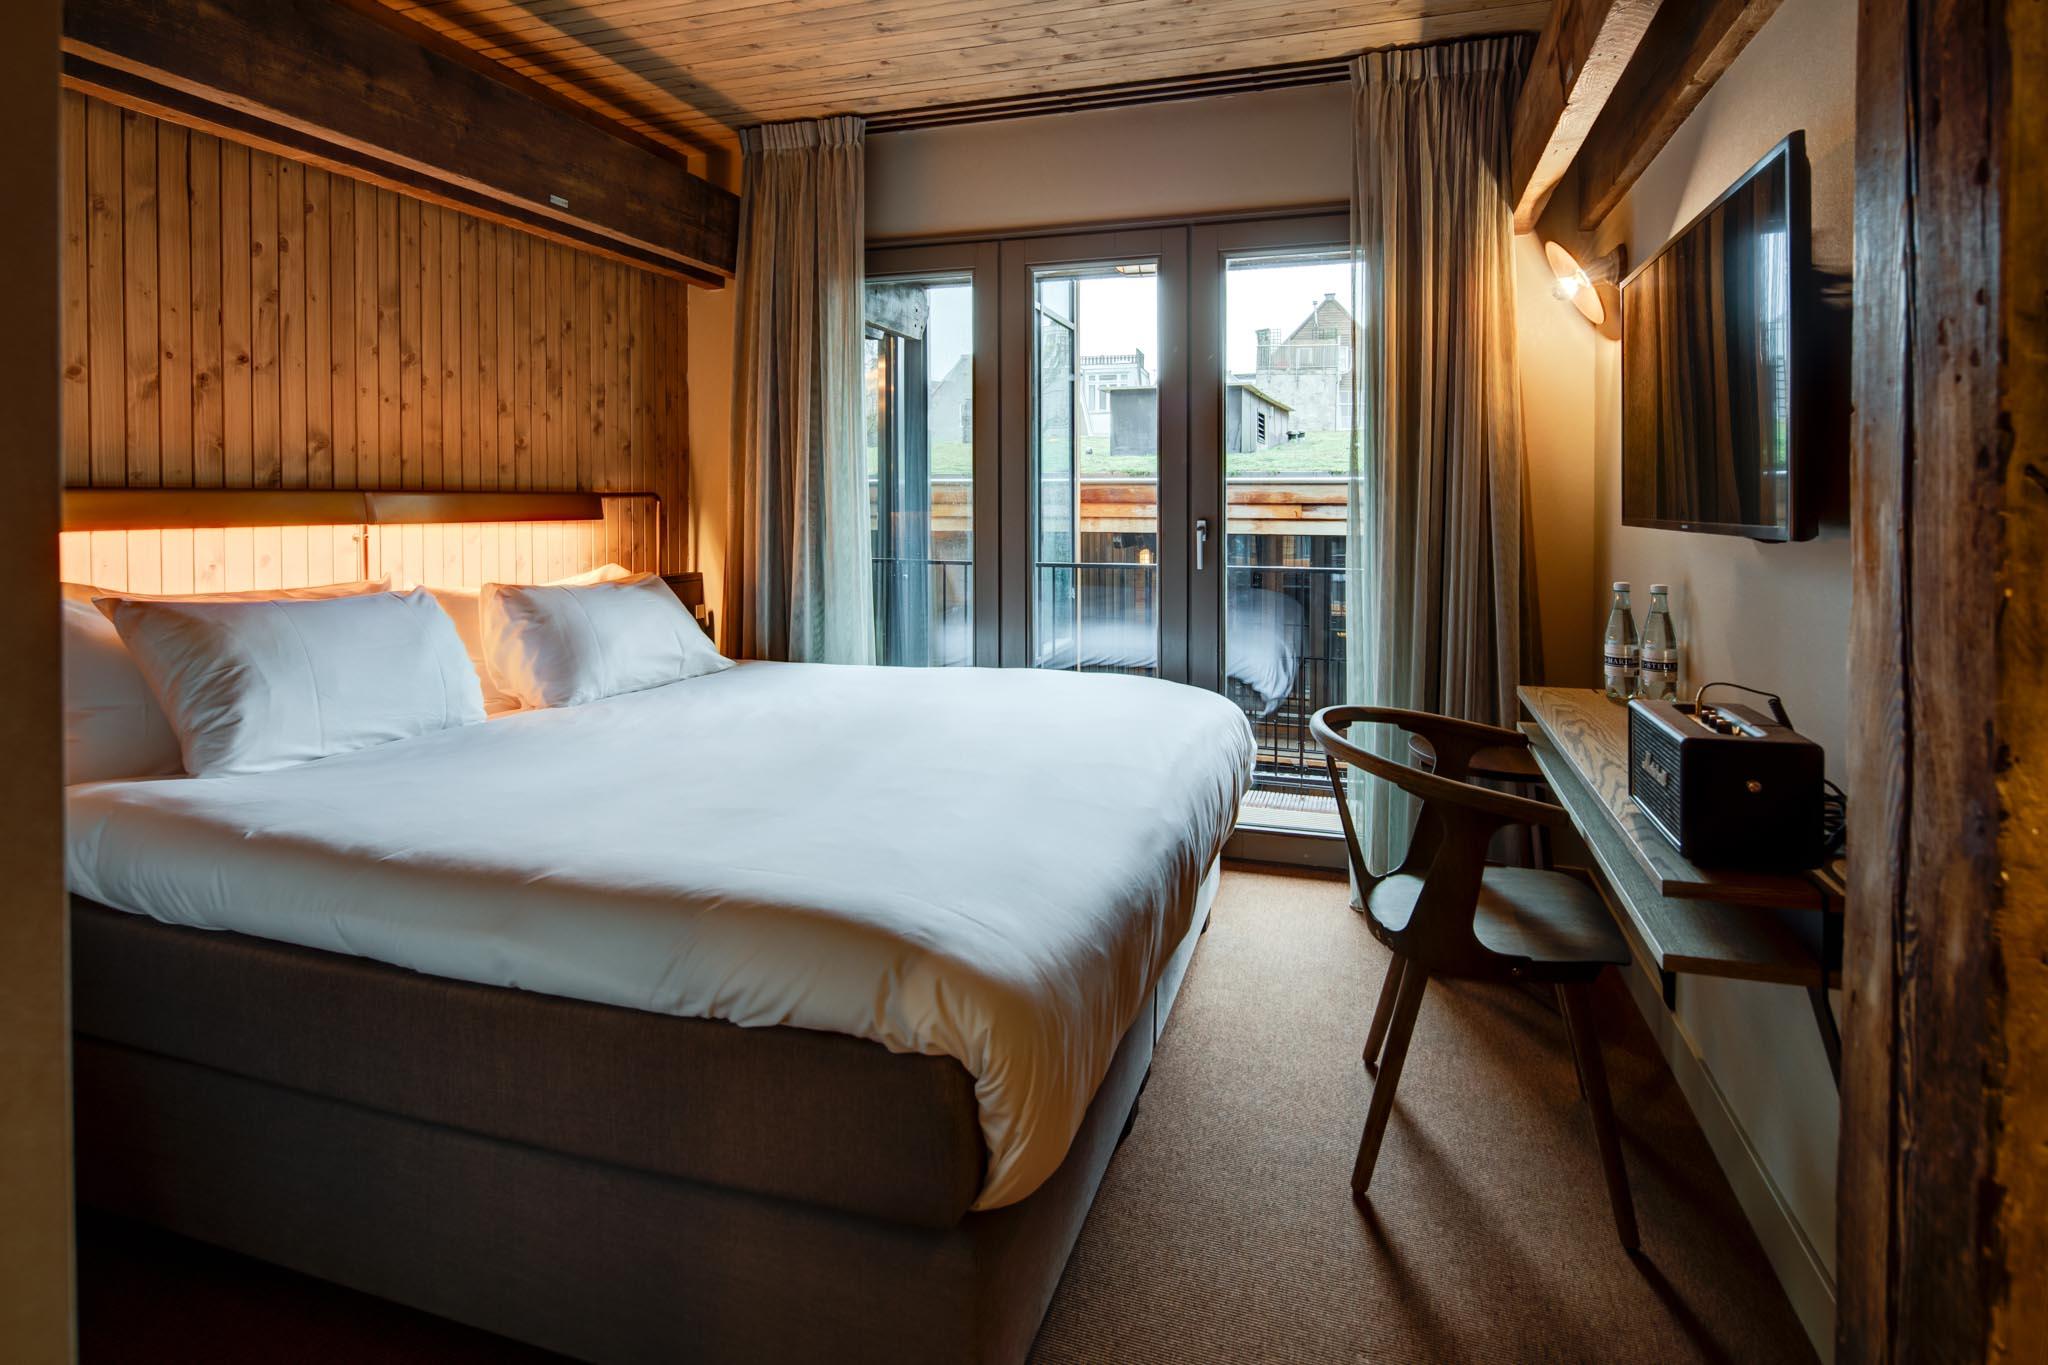 LucasKemper_Vondel_Vijssel_Room423-Comfort_LR-11.jpg